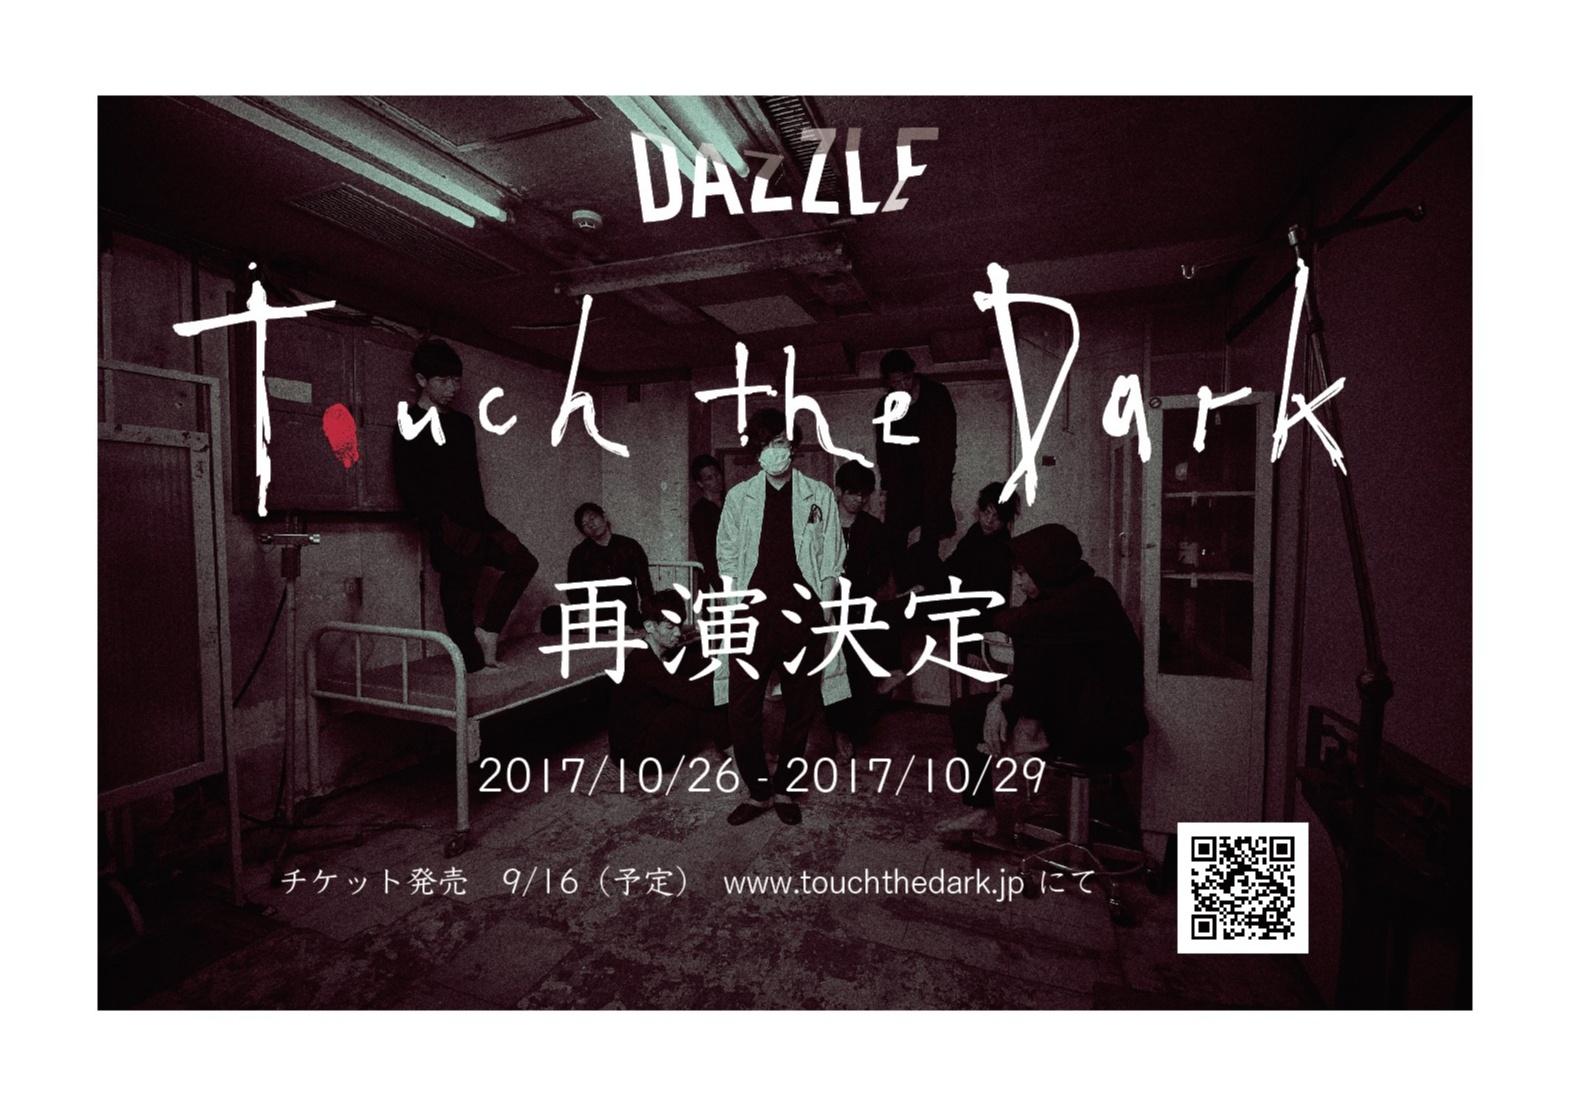 《明日発売開始》初演時は開幕4日目にして全公演完売のイマーシブシアター【DAZZLE「Touch the Dark」】再演決定_1